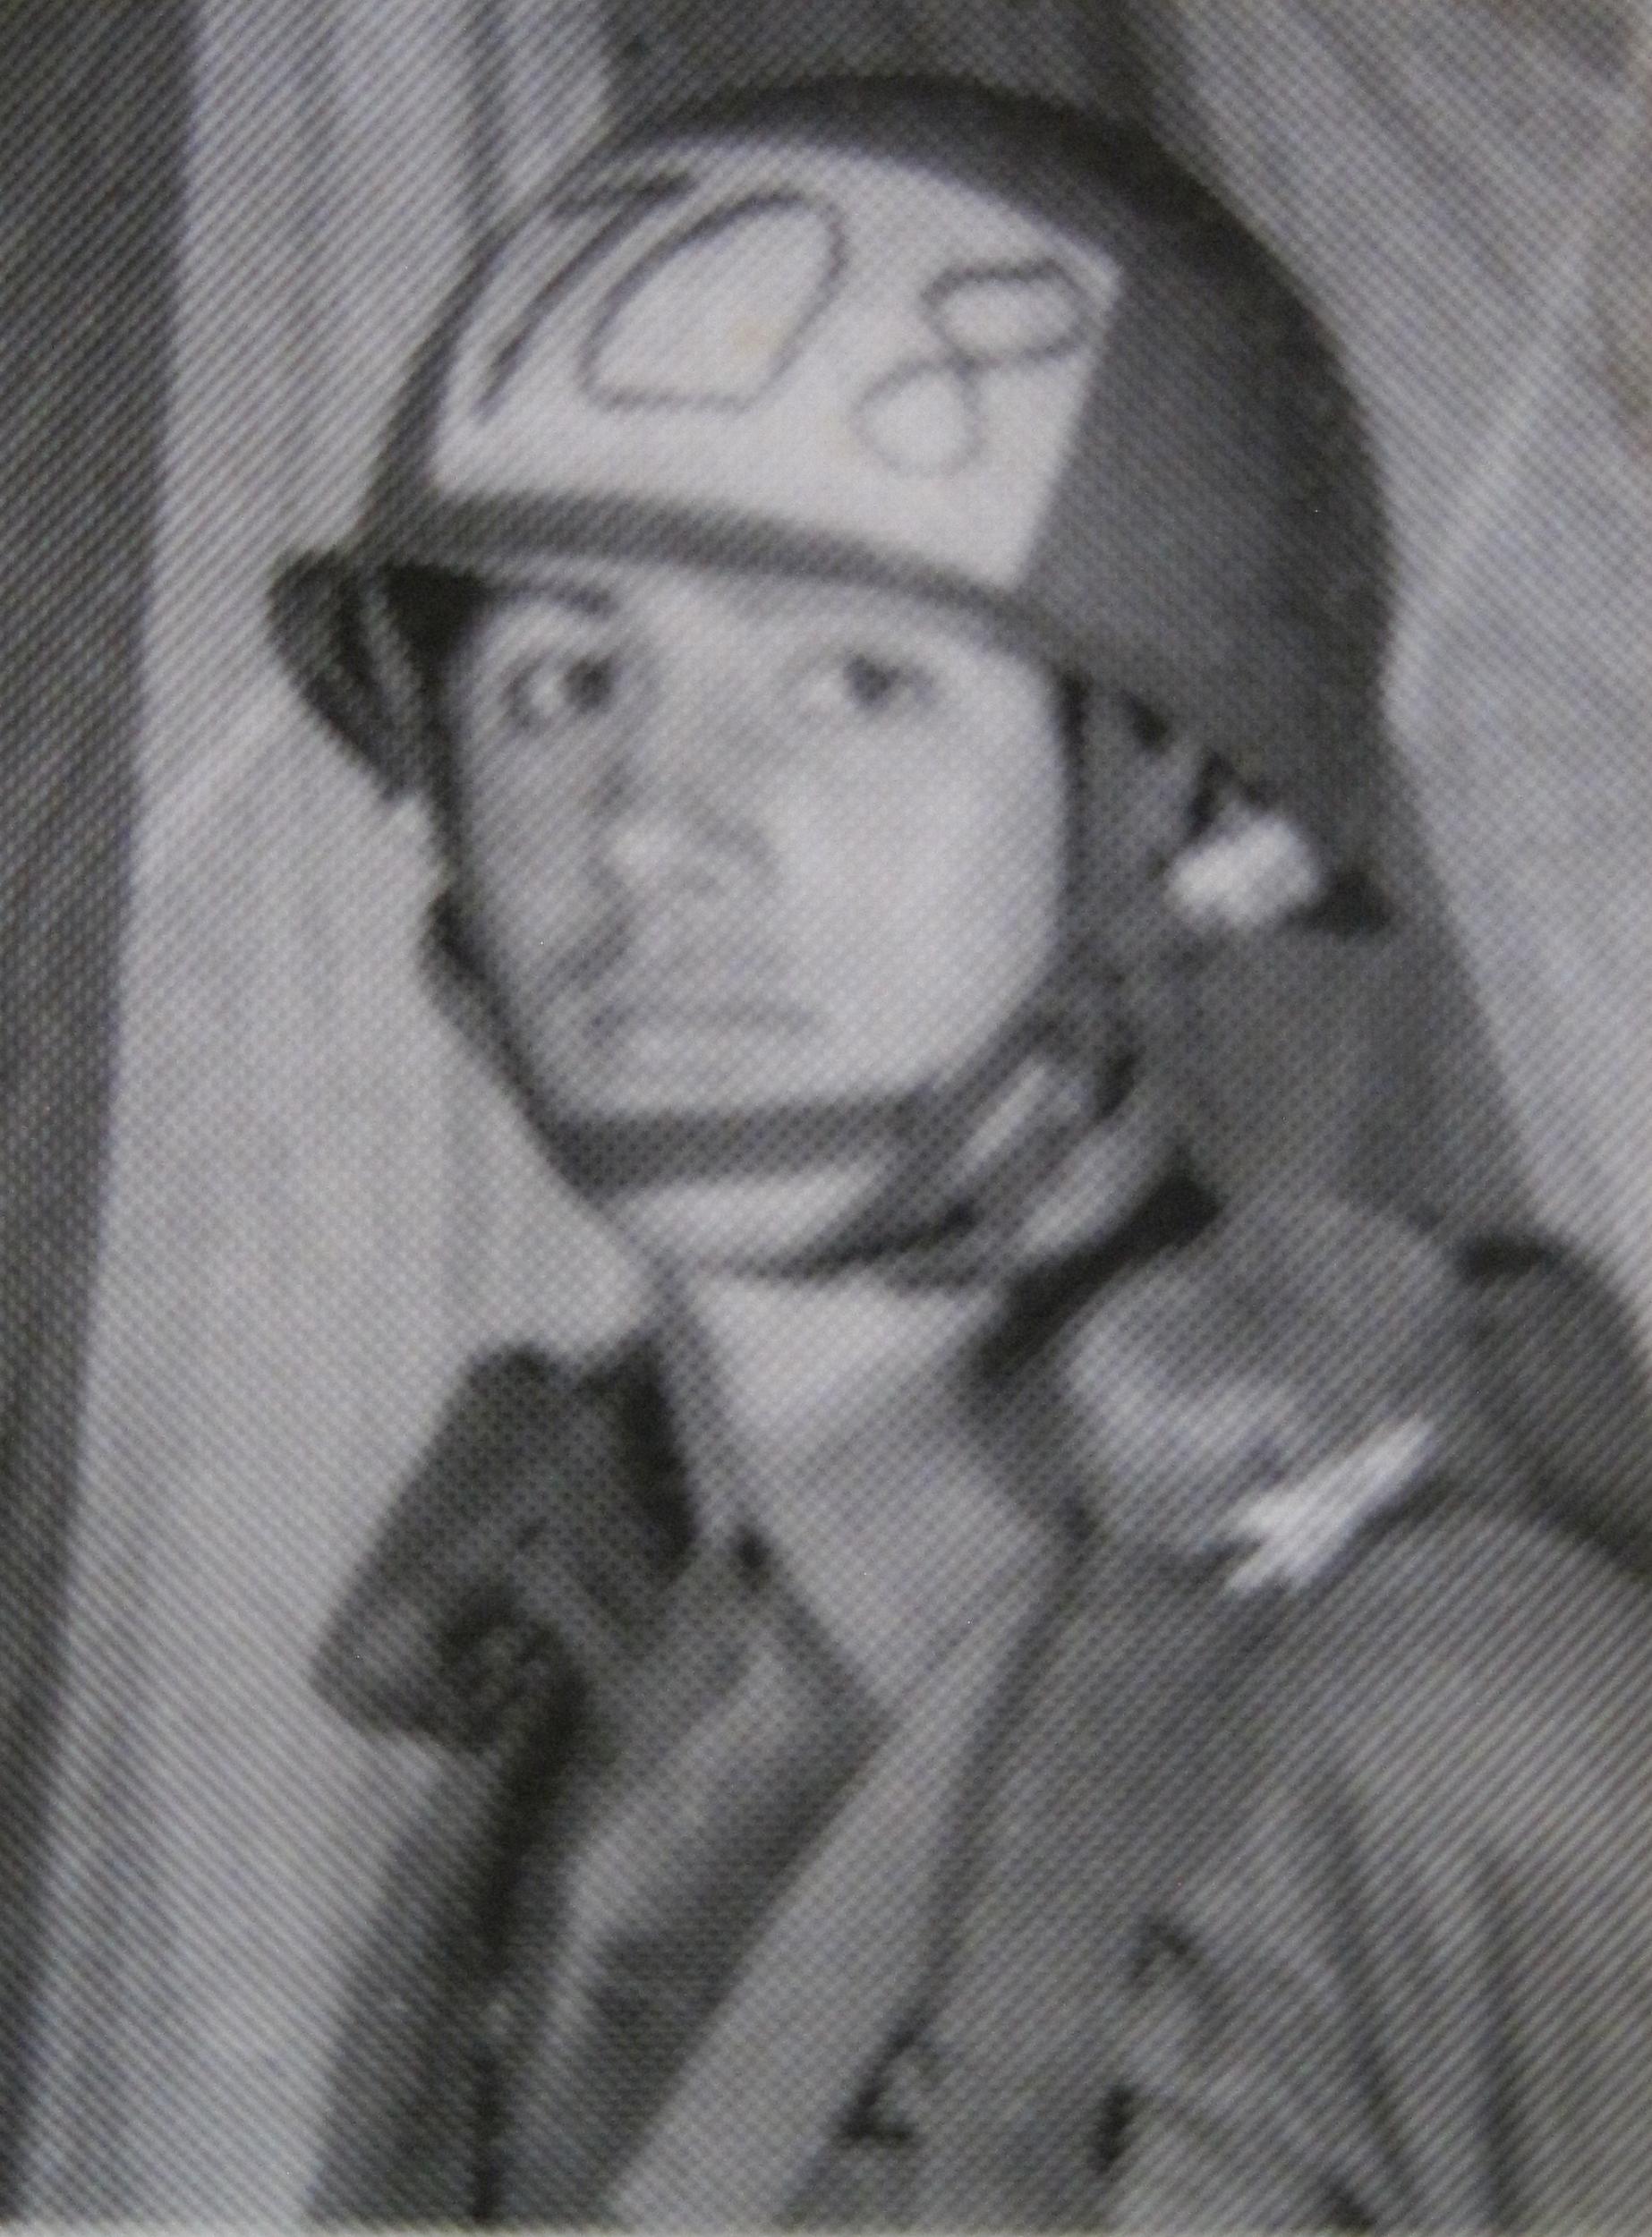 Pvt. Robert Ankony, April 1966